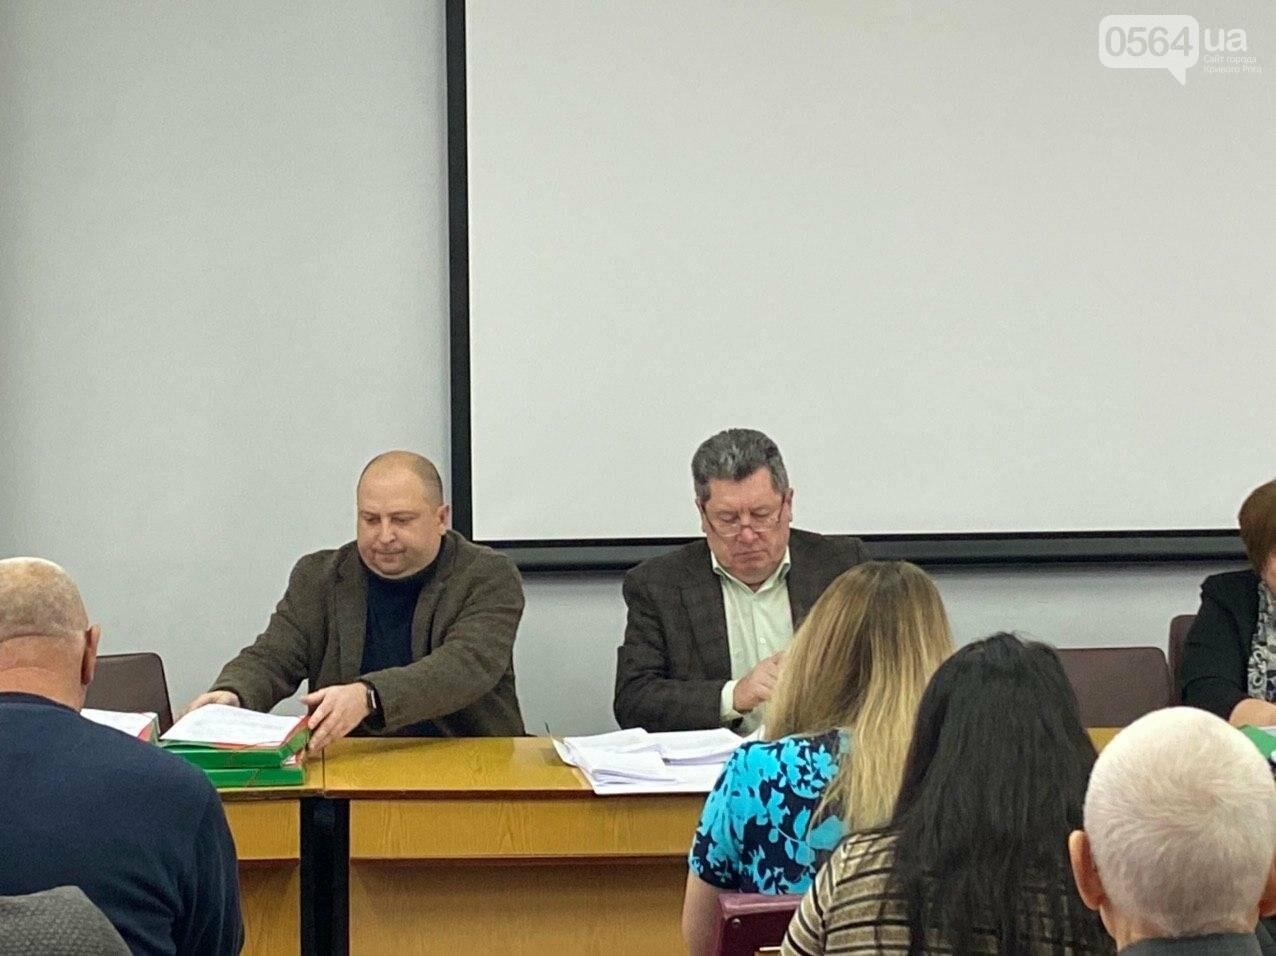 Криворожские депутаты собрались на заседания постоянных комиссий, - ФОТО, ВИДЕО, фото-5